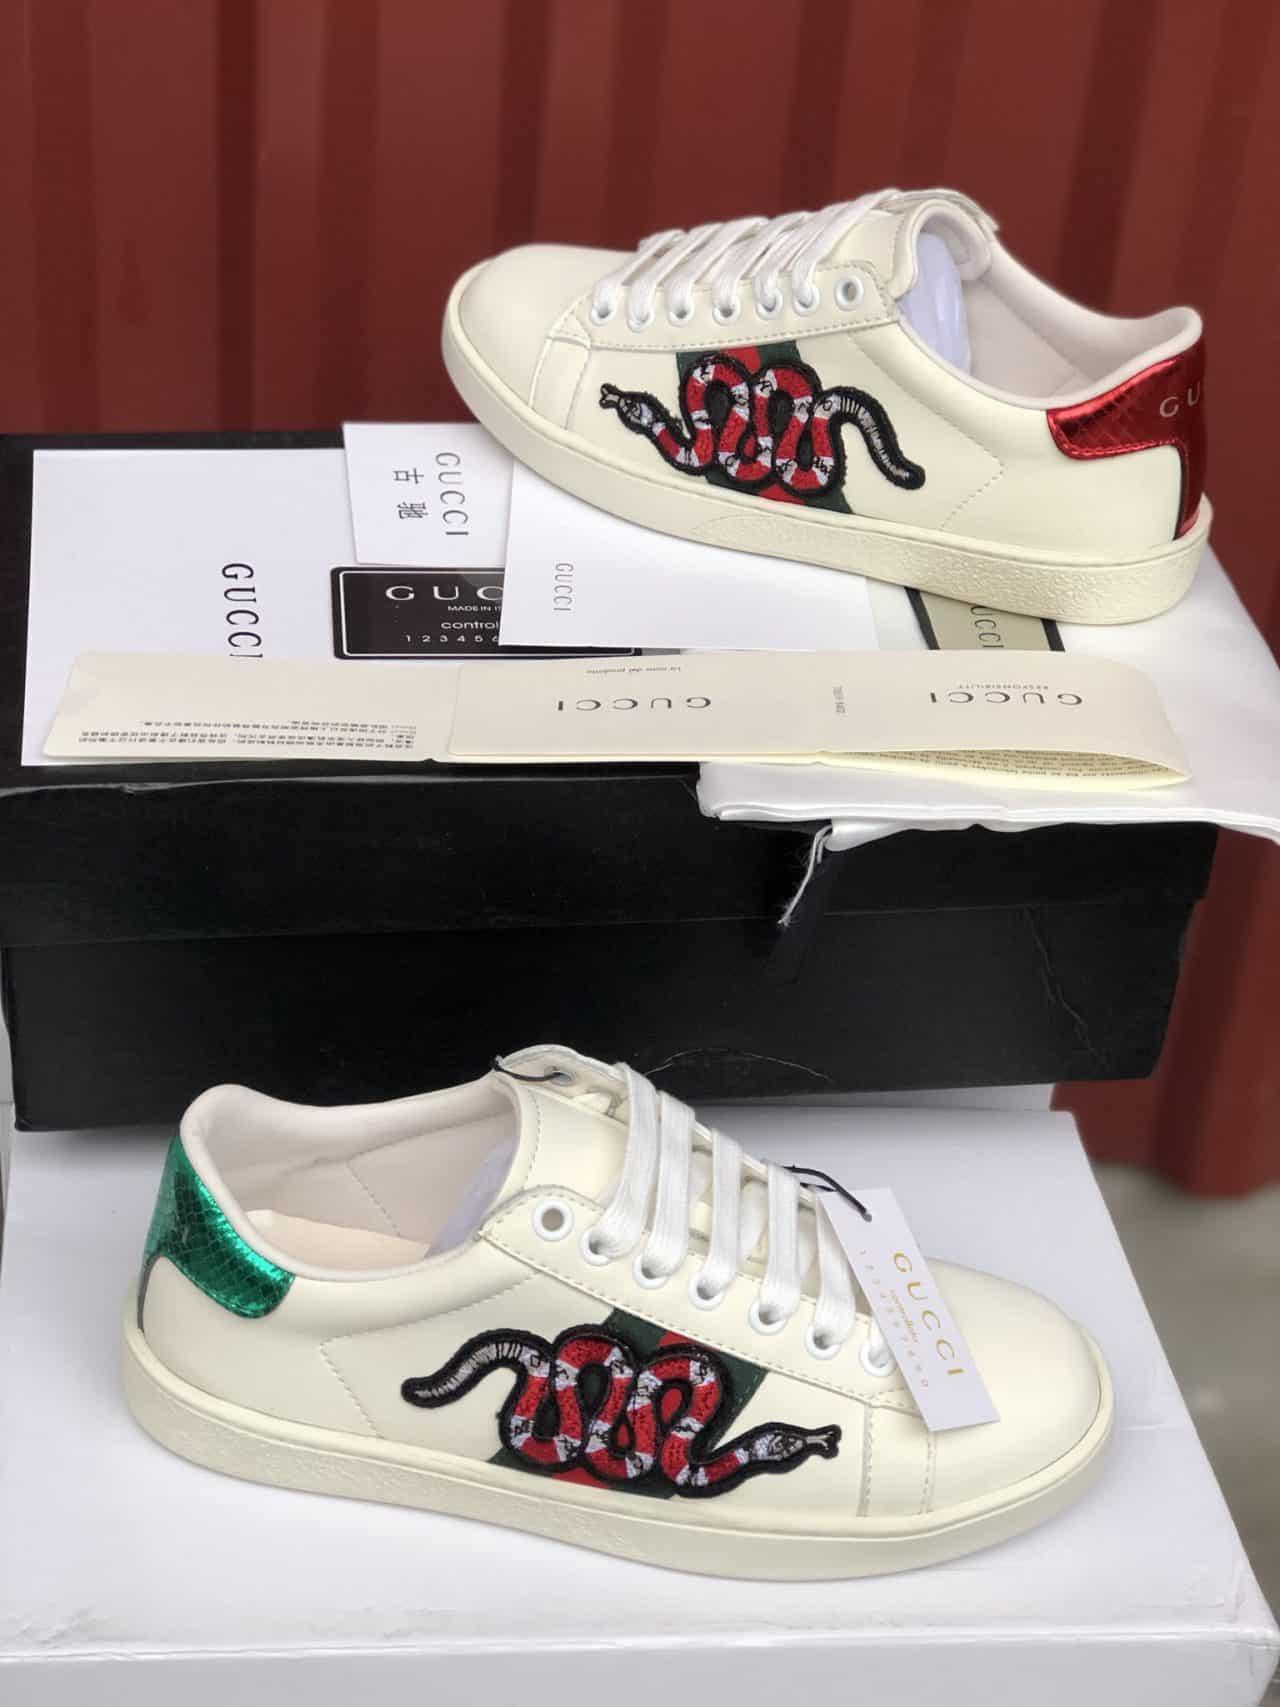 Logo của hãng giày nổi tiếng - Gucci